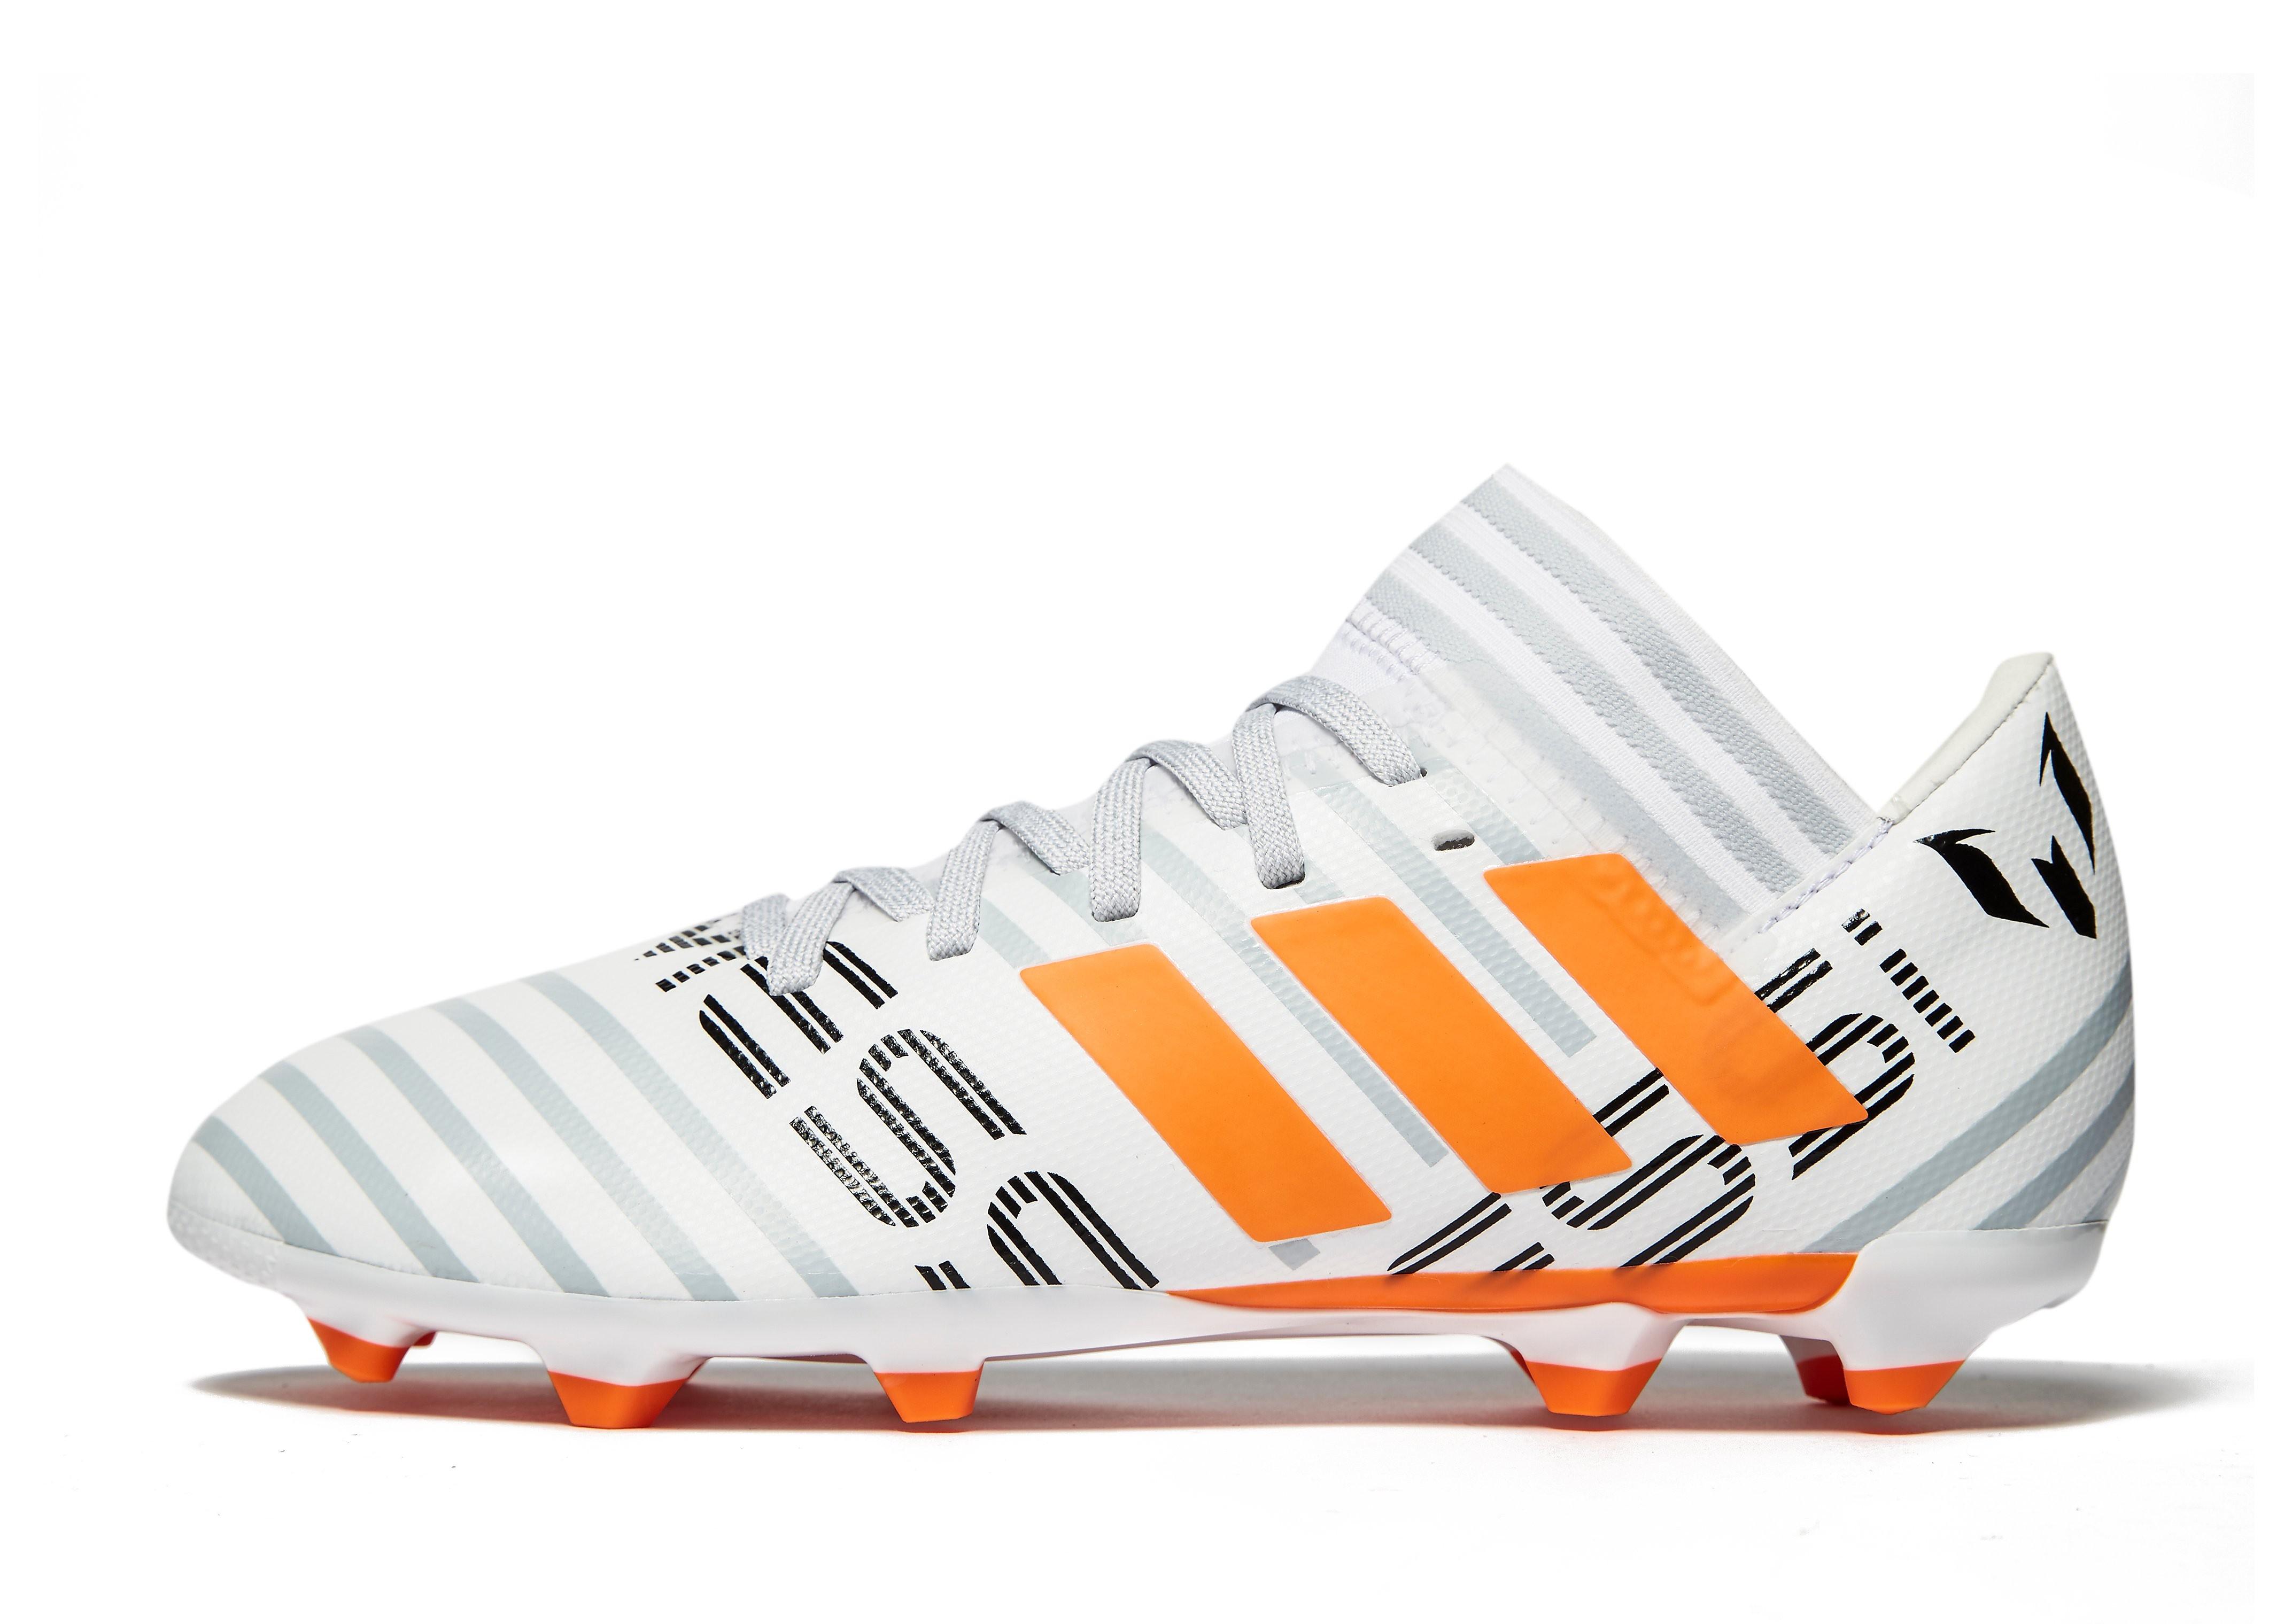 adidas Pyro Storm Nemeziz Messi 17.3 FG Junior